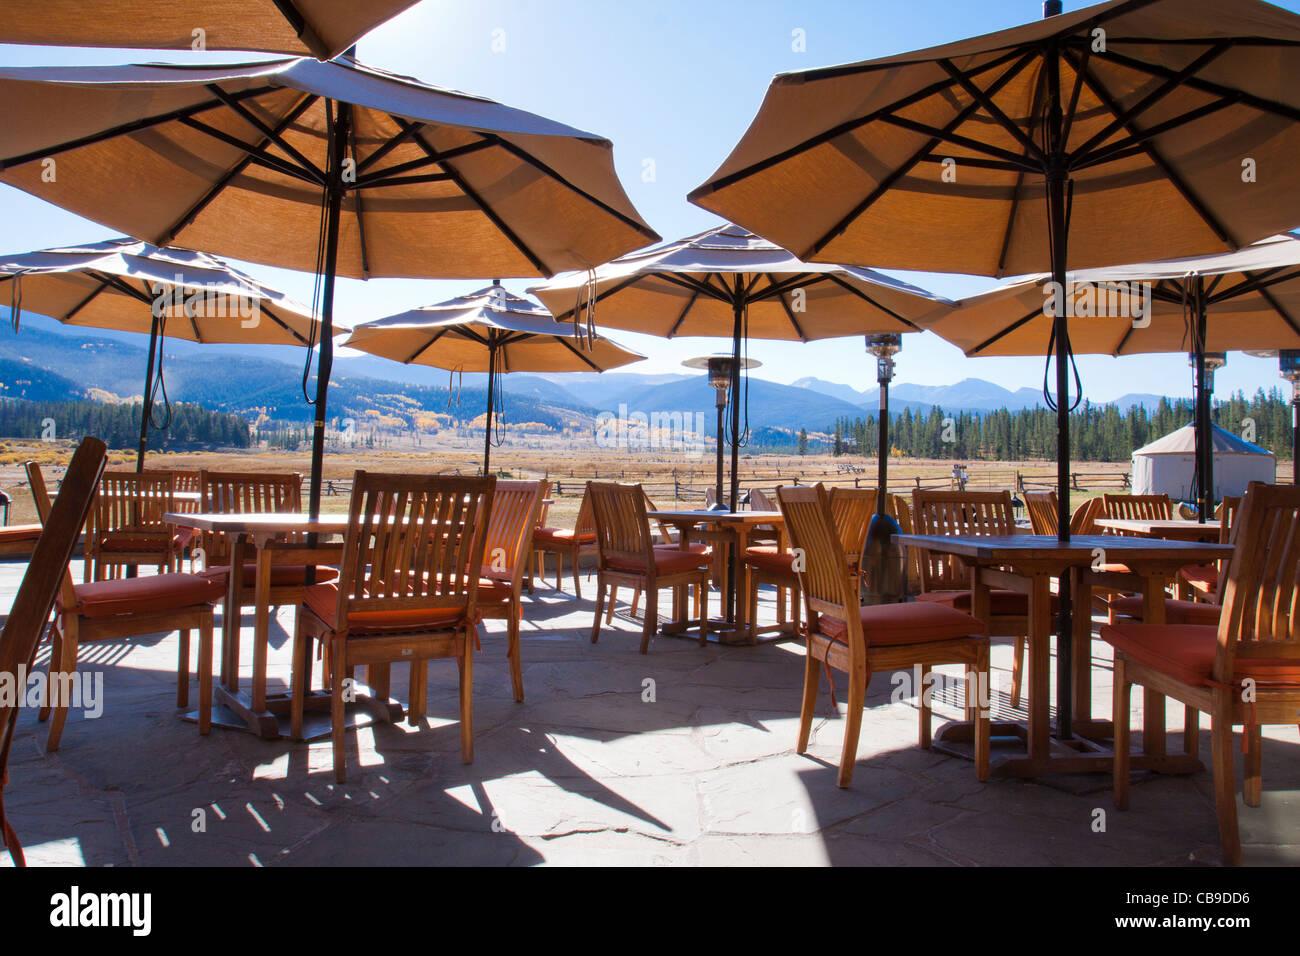 Restaurant Tables Umbrellas Fotos E Imagenes De Stock Alamy